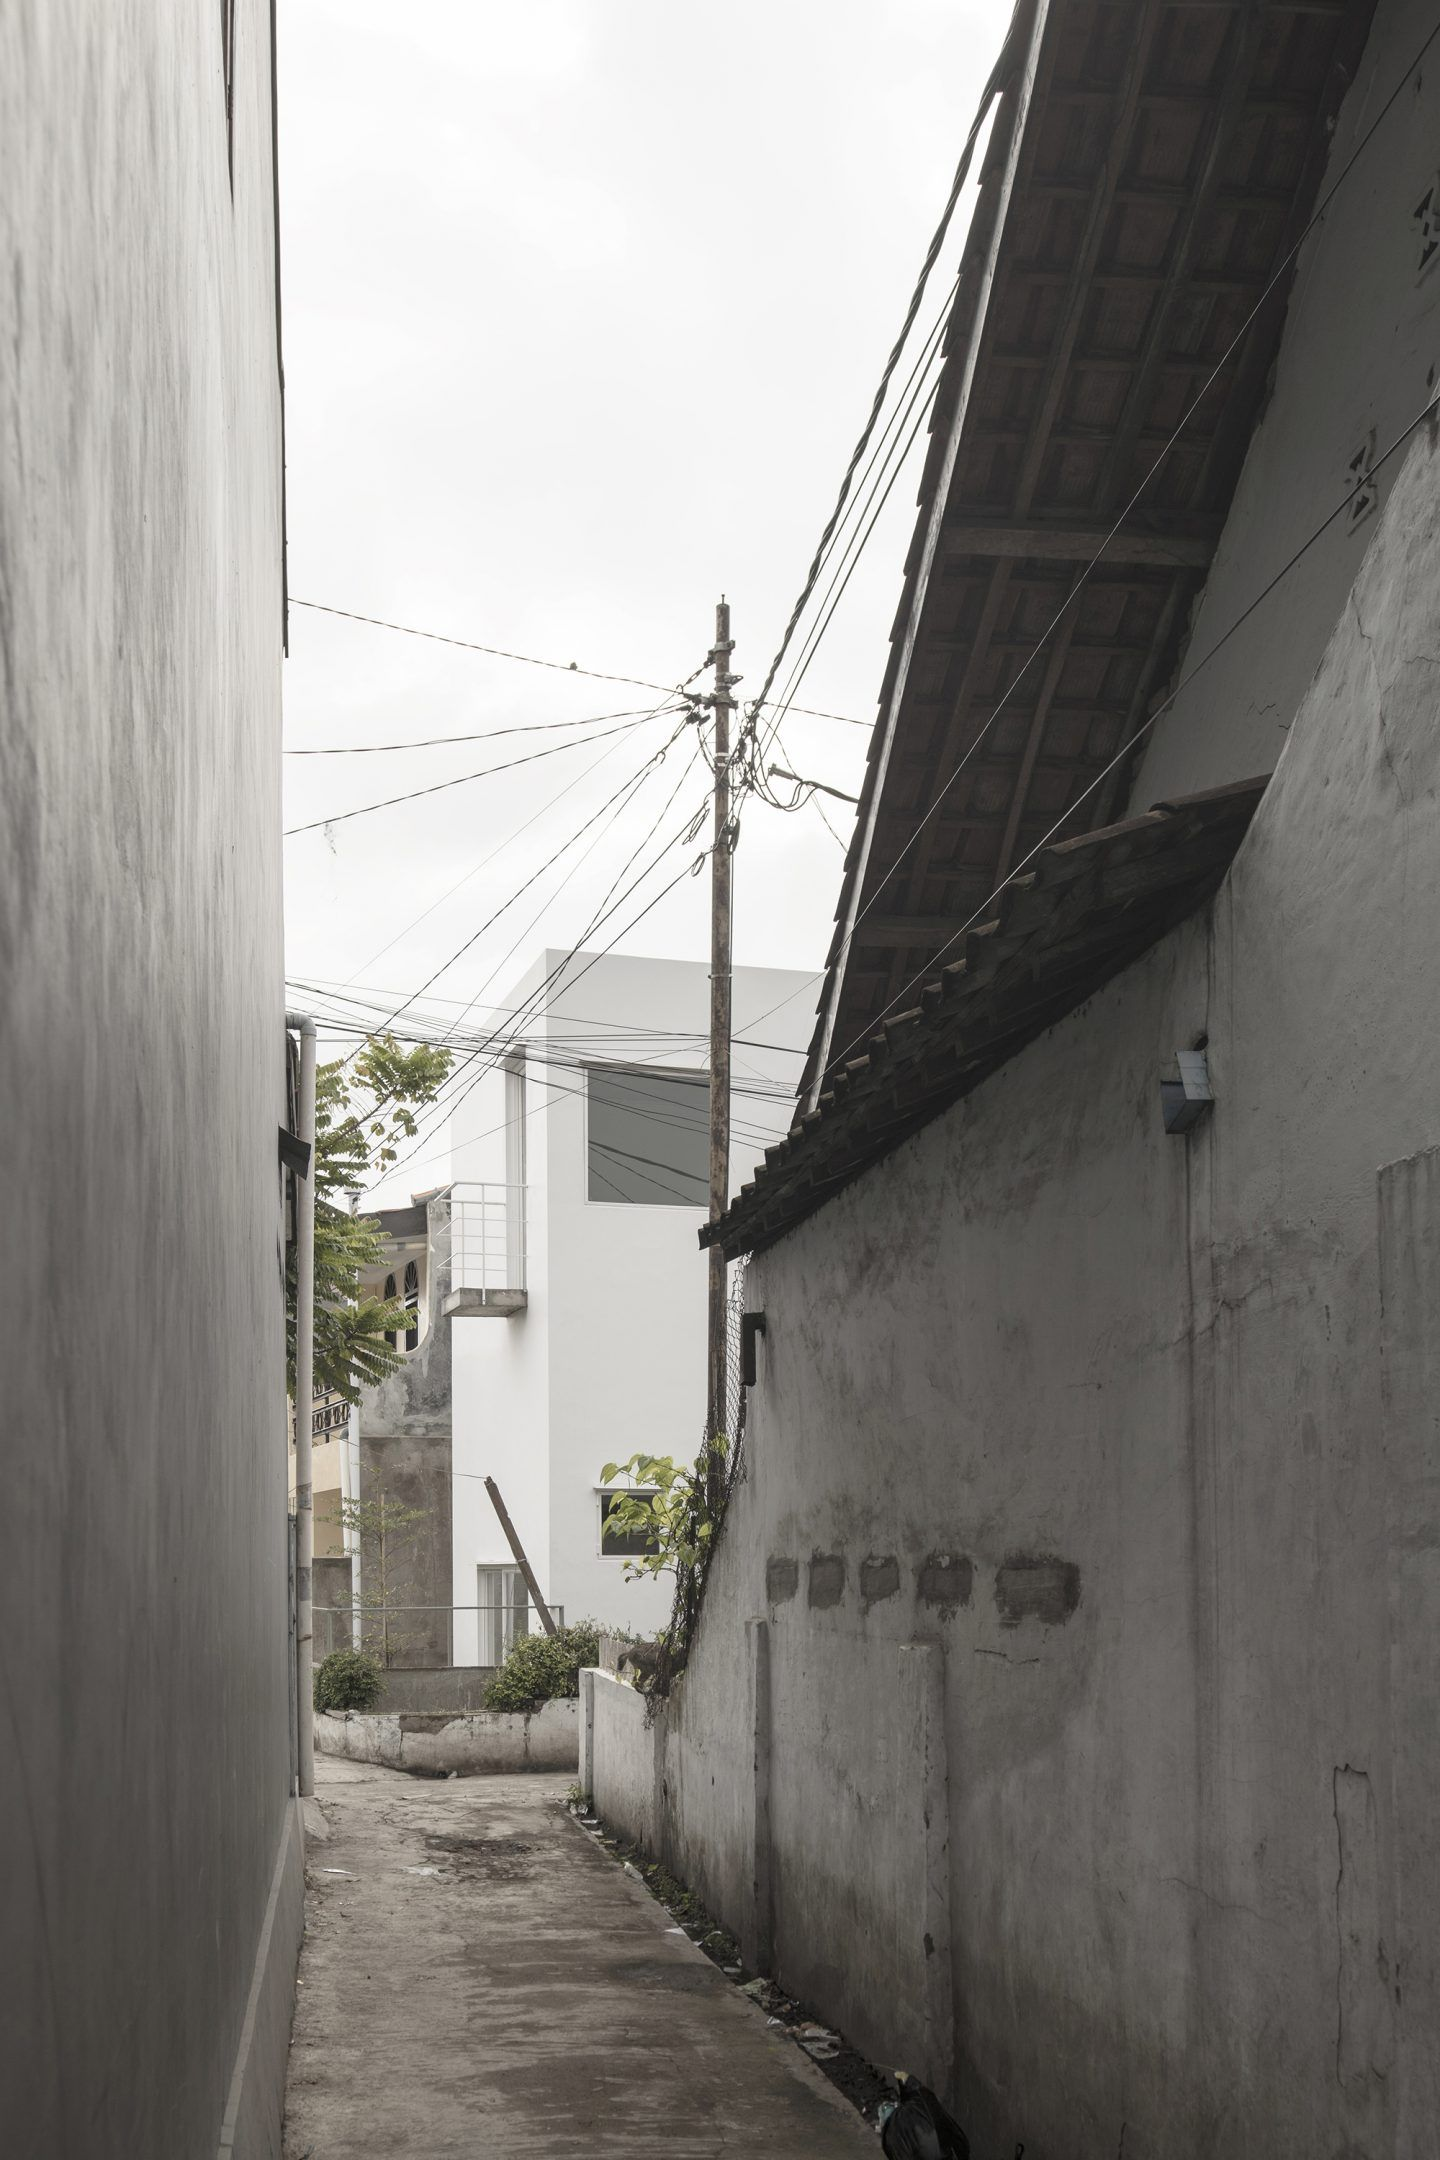 IGNANT-Architecture-Dua-Studio-4x6x6-1